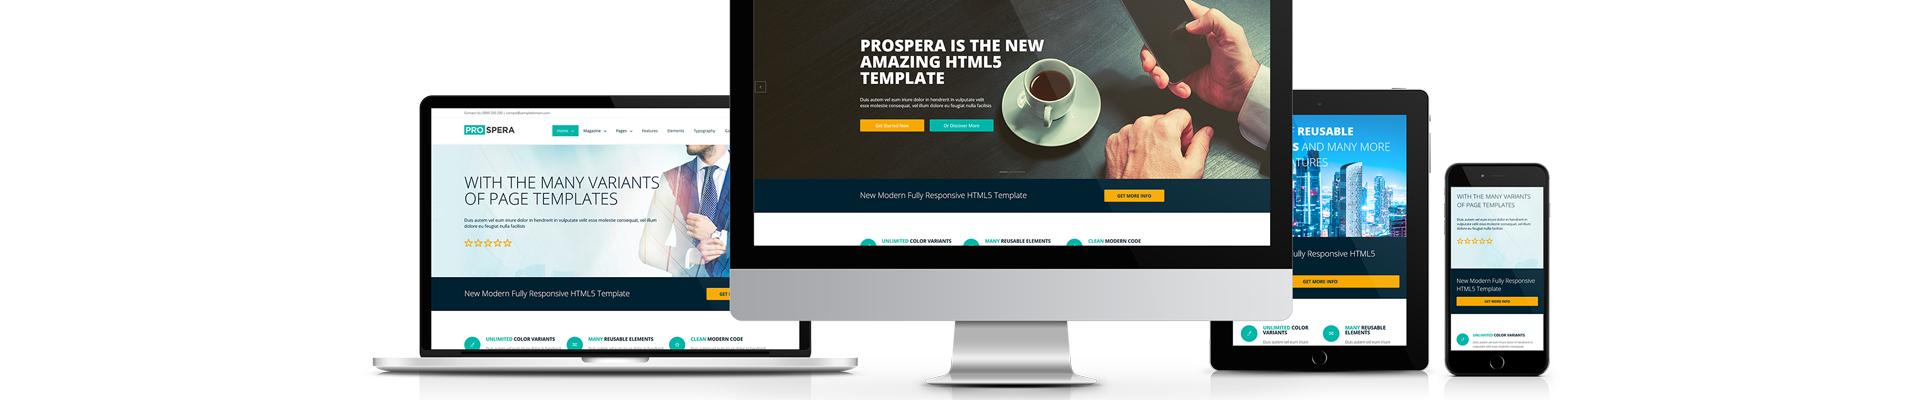 http://designmedia.co.za/wp-content/uploads/2020/04/web-design.jpg